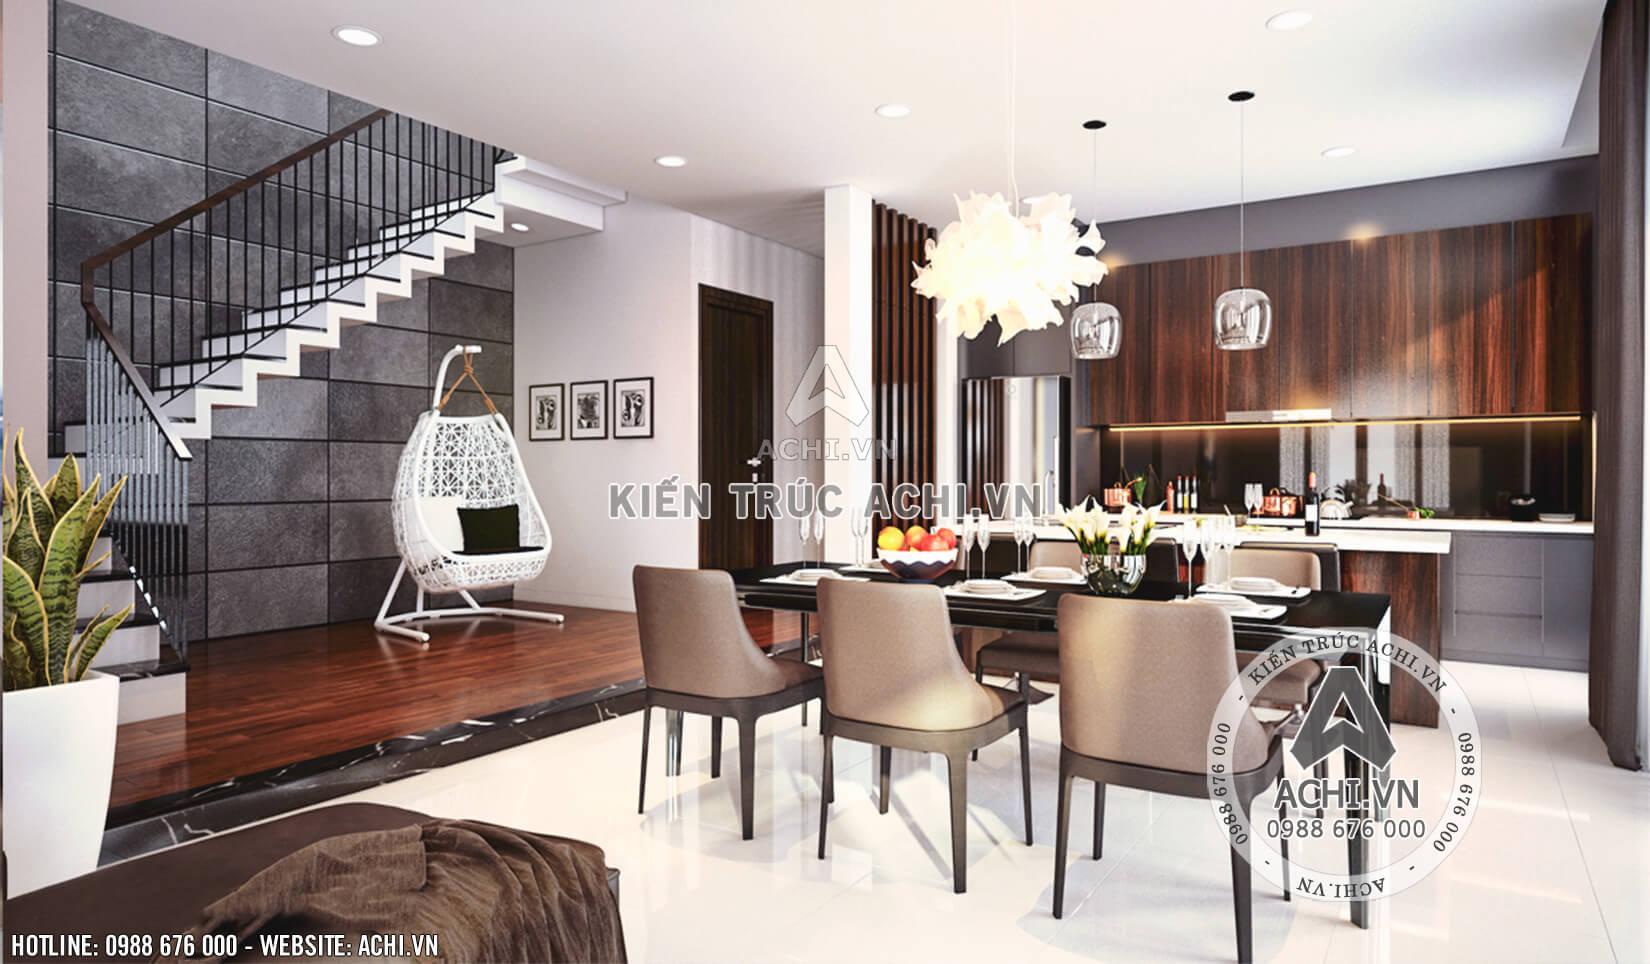 Nội thất phòng bếp mẫu nhà 2 tầng đẹp hiện đại đẹp